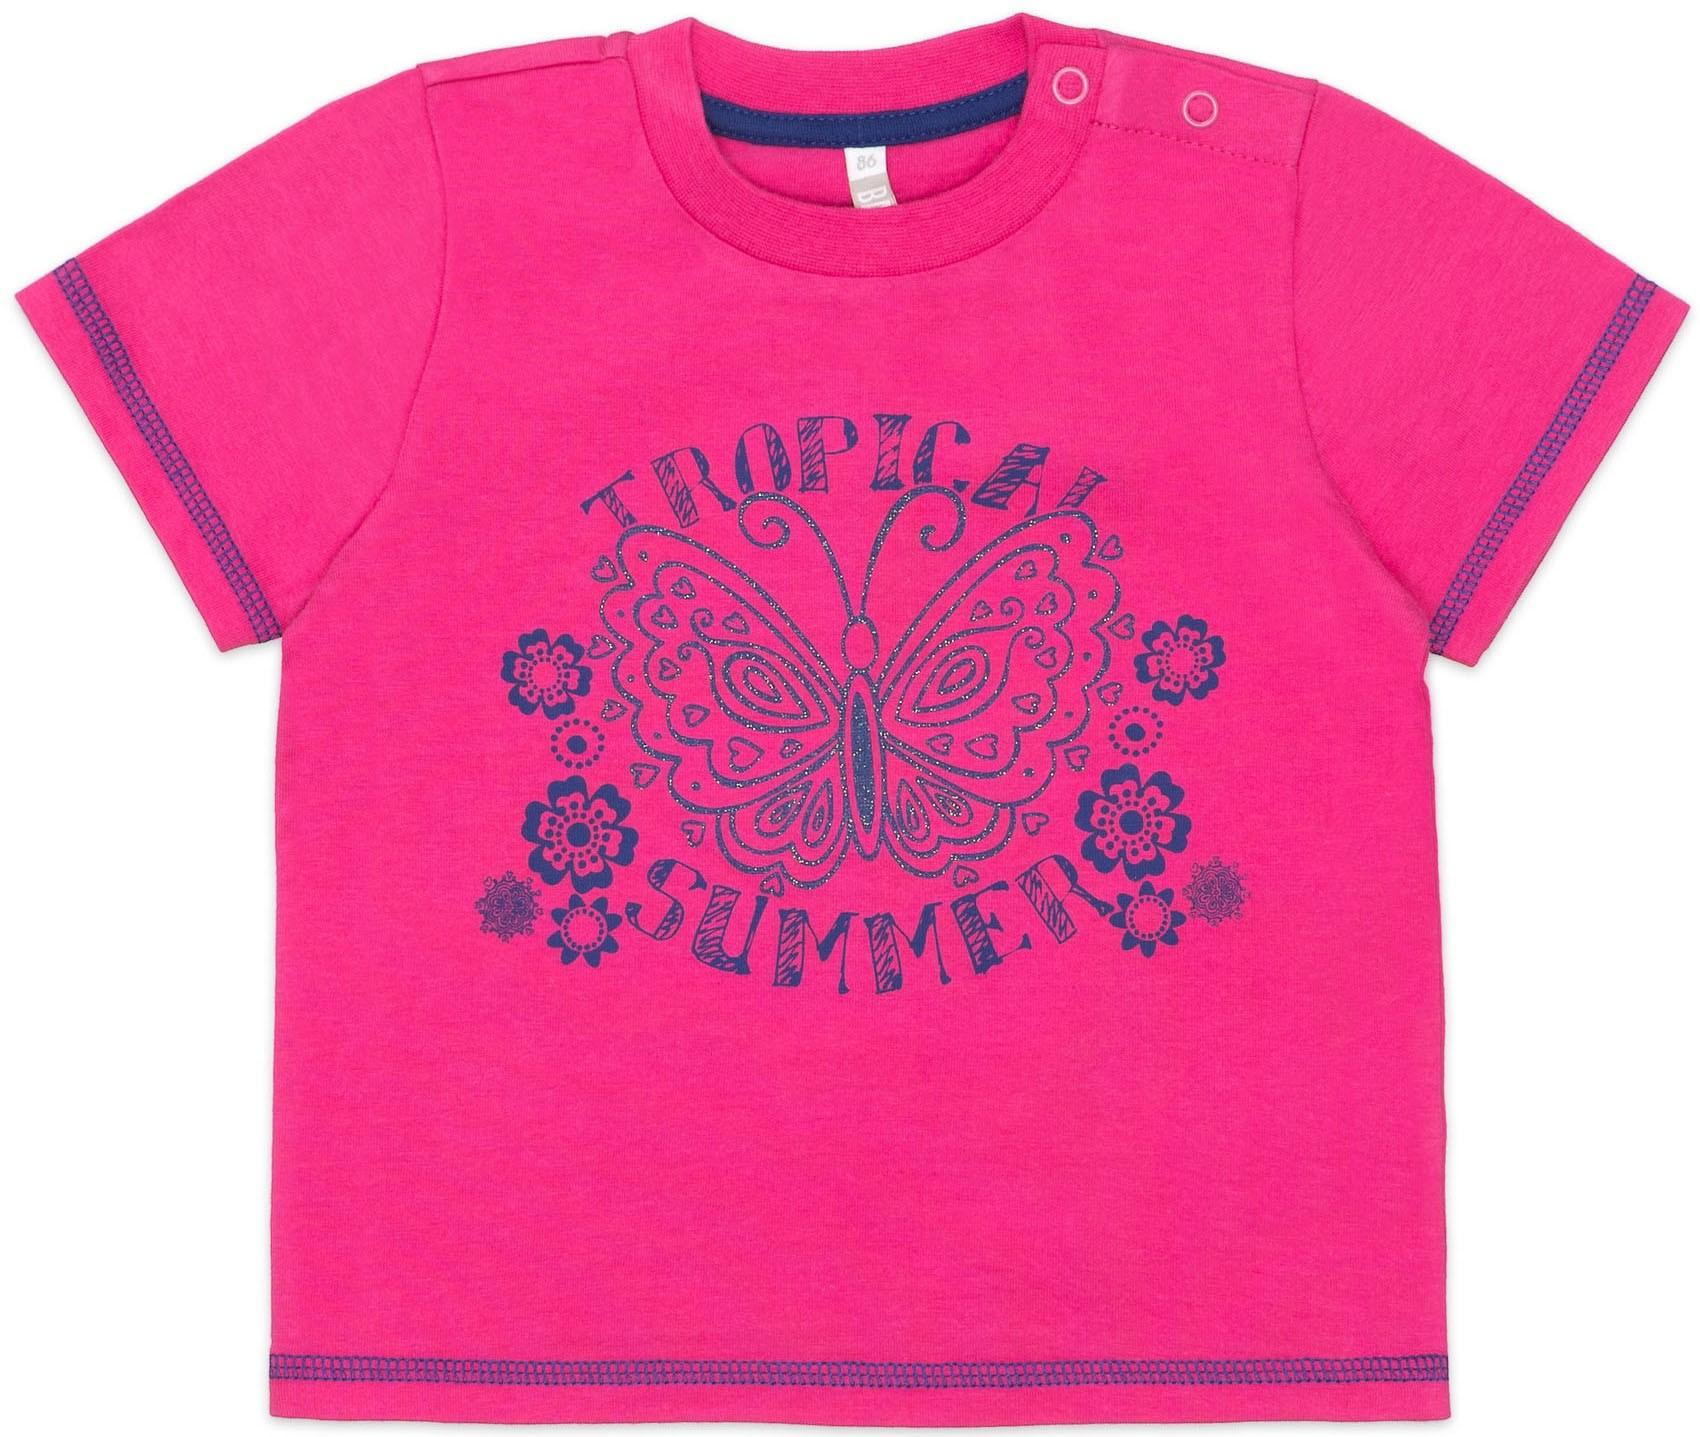 Купить Футболки, Футболка с коротким рукавом для девочки Barkito Цветочное лето красная, Узбекистан, красный, Женский